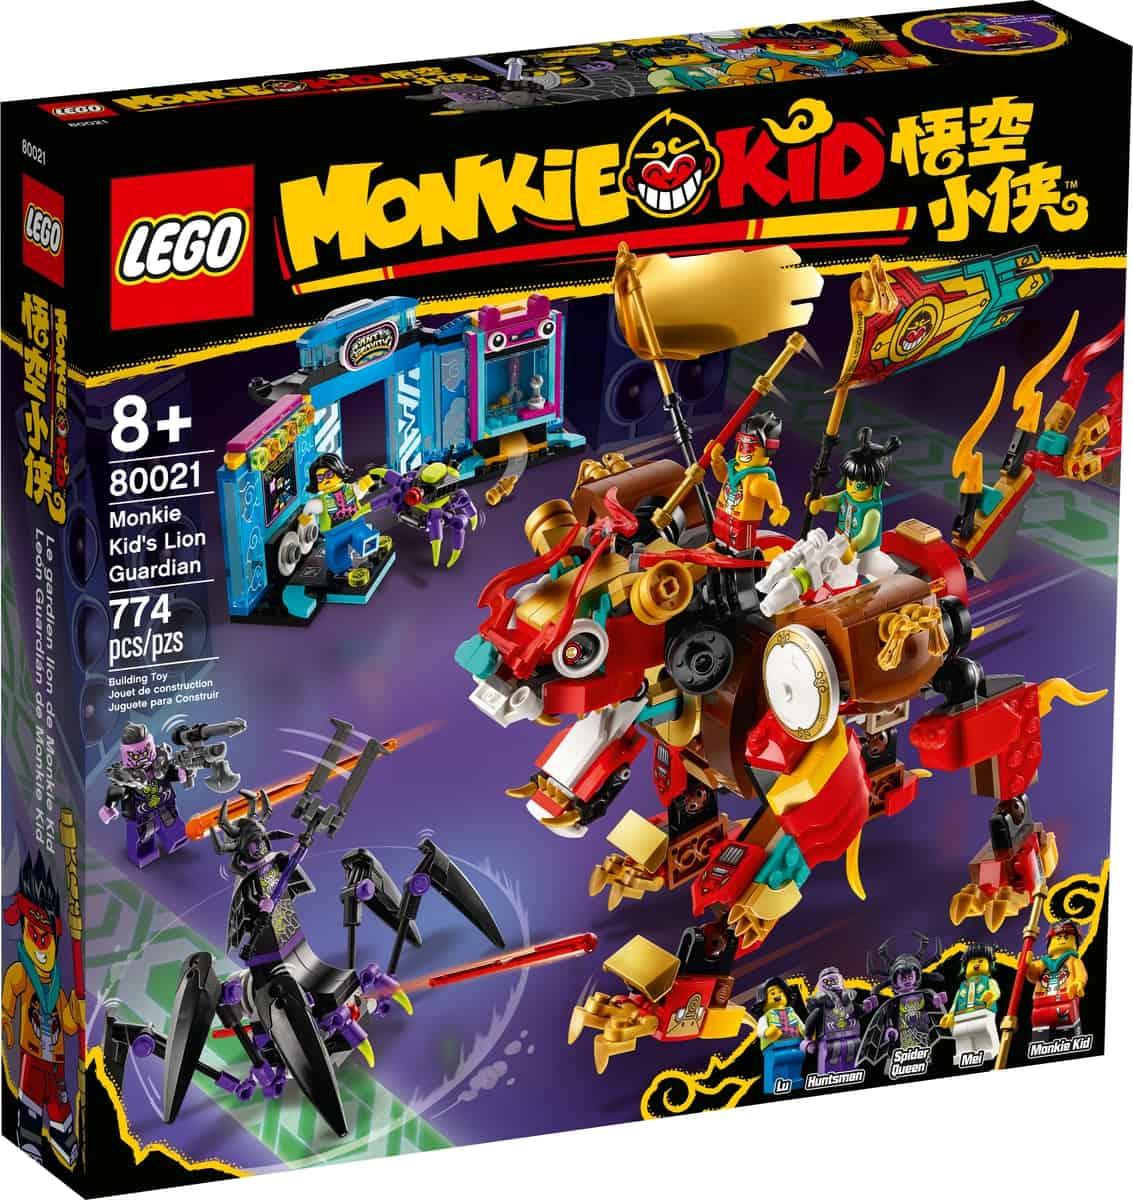 lego 80021 il leone guardiano di monkie kid